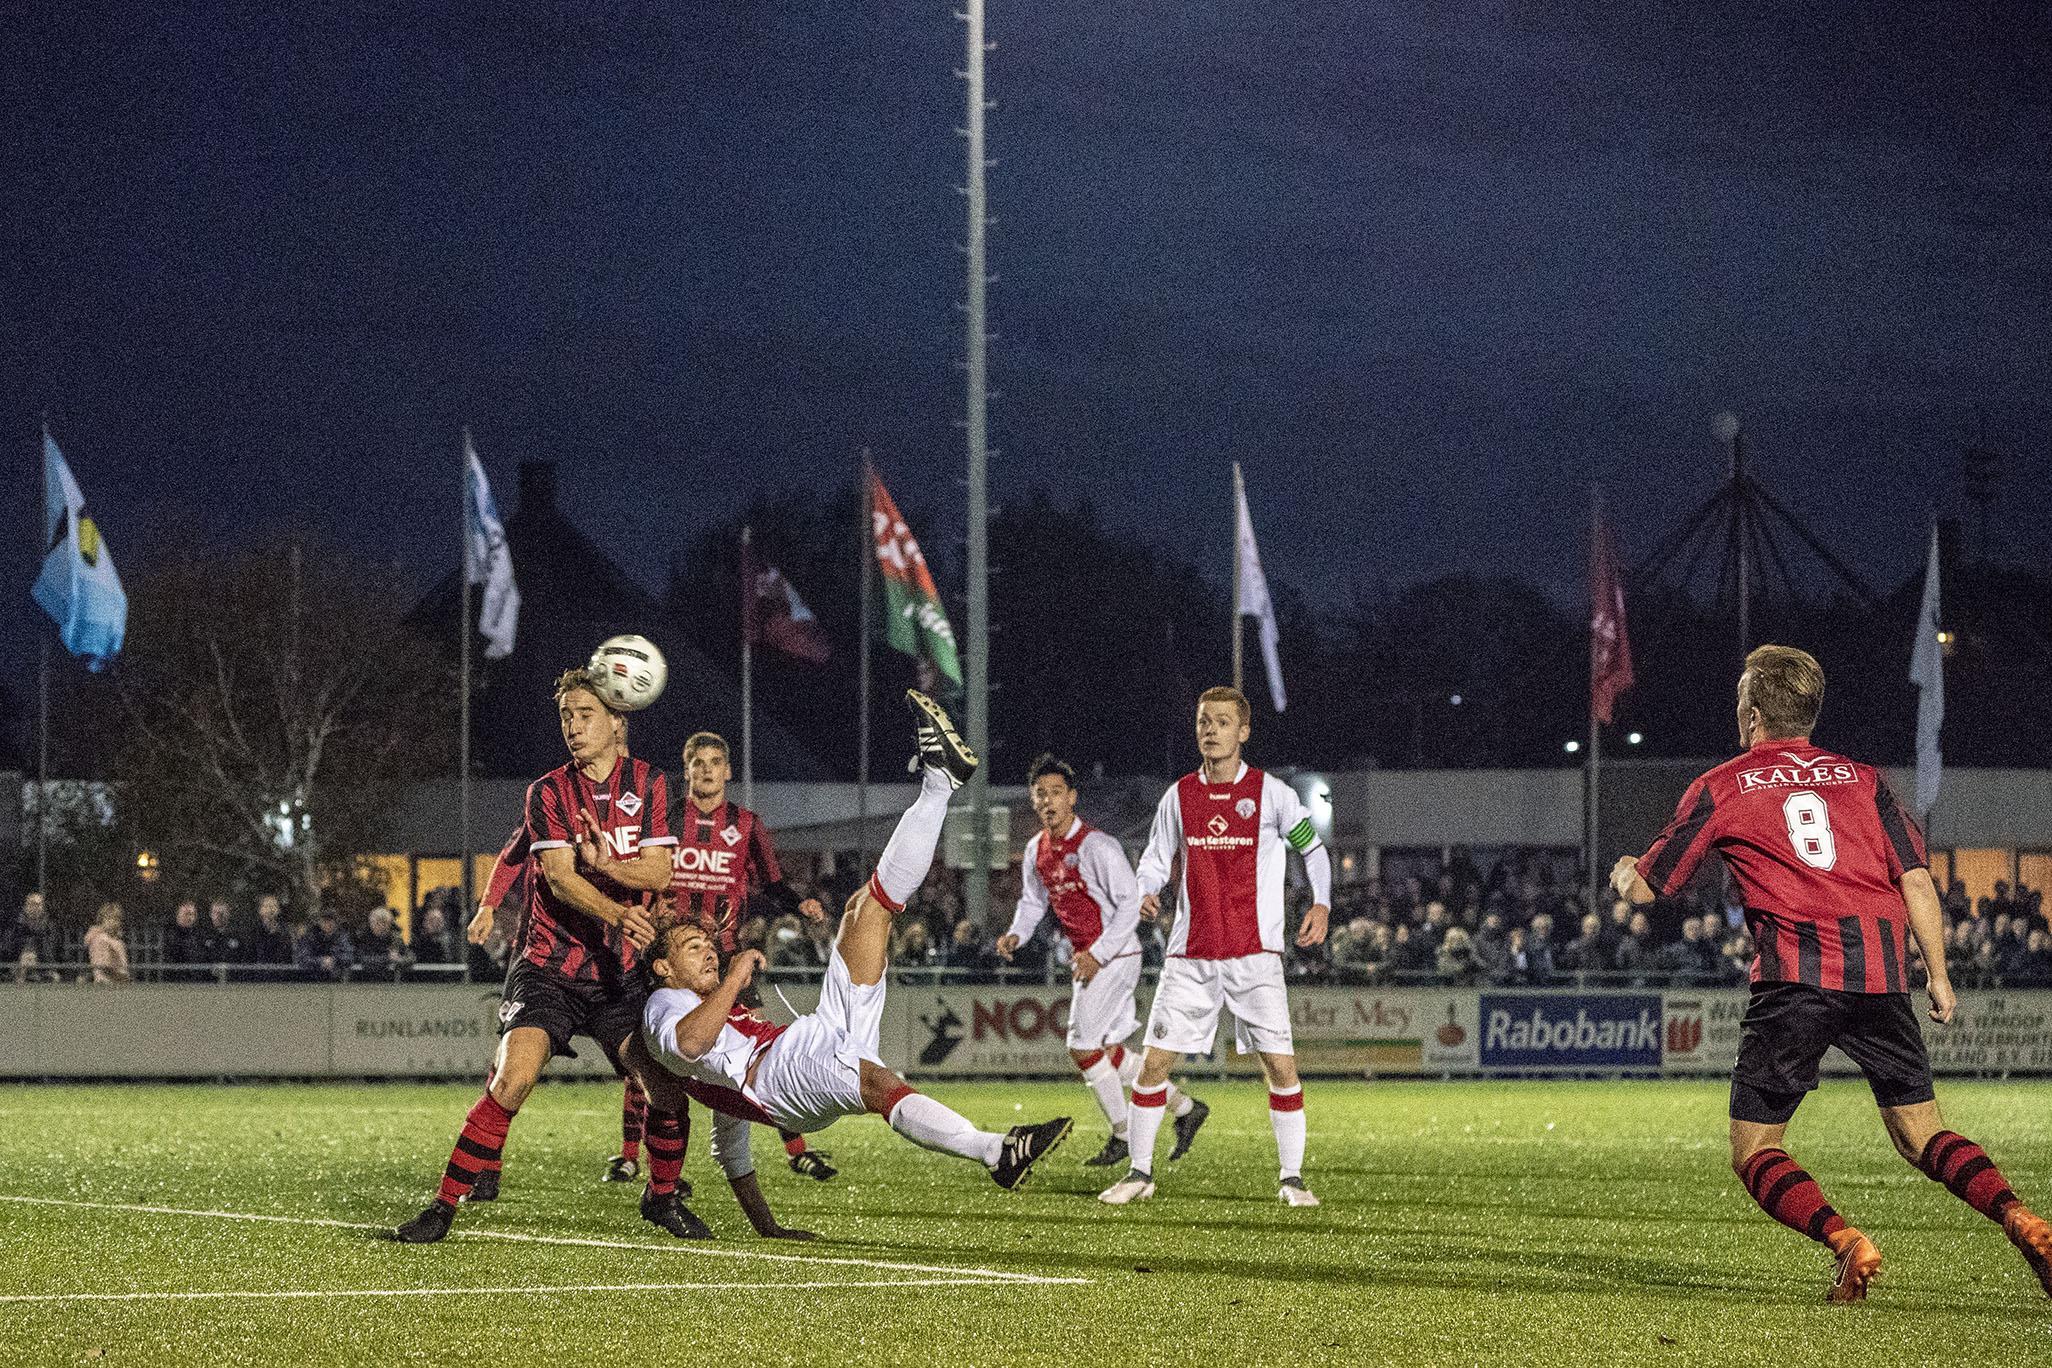 Toeschouwers van Foreholte zijn welkom bij Teylingen. 'Deze derby is bijzonder en daar horen ook Voorhouters bij. Andersom had Foreholte precies hetzelfde gedaan'